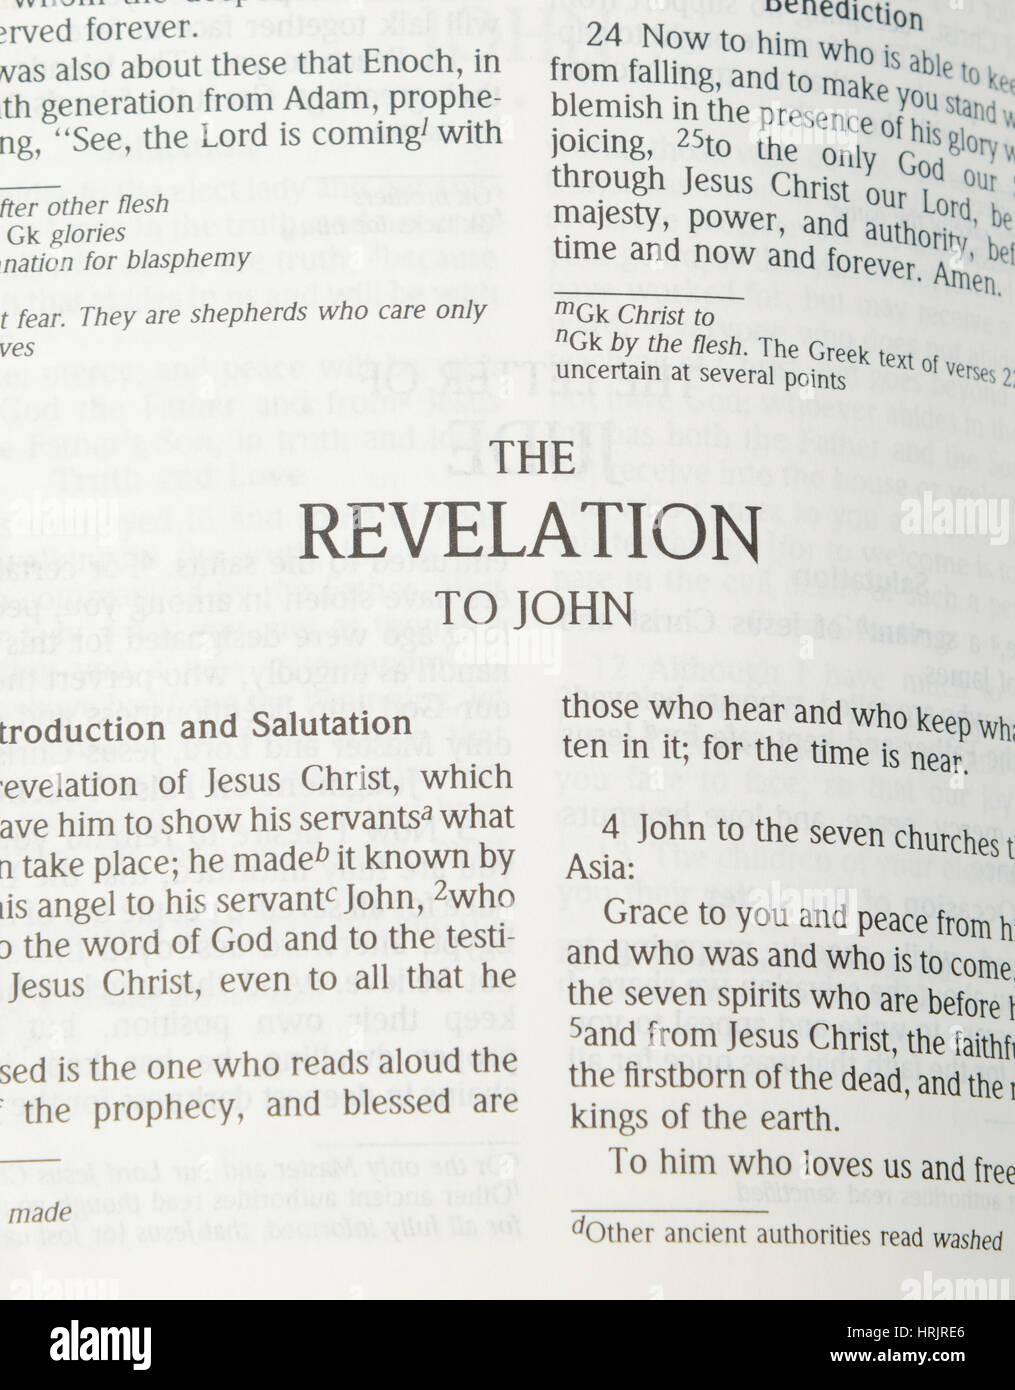 The Revelation to John - Stock Image